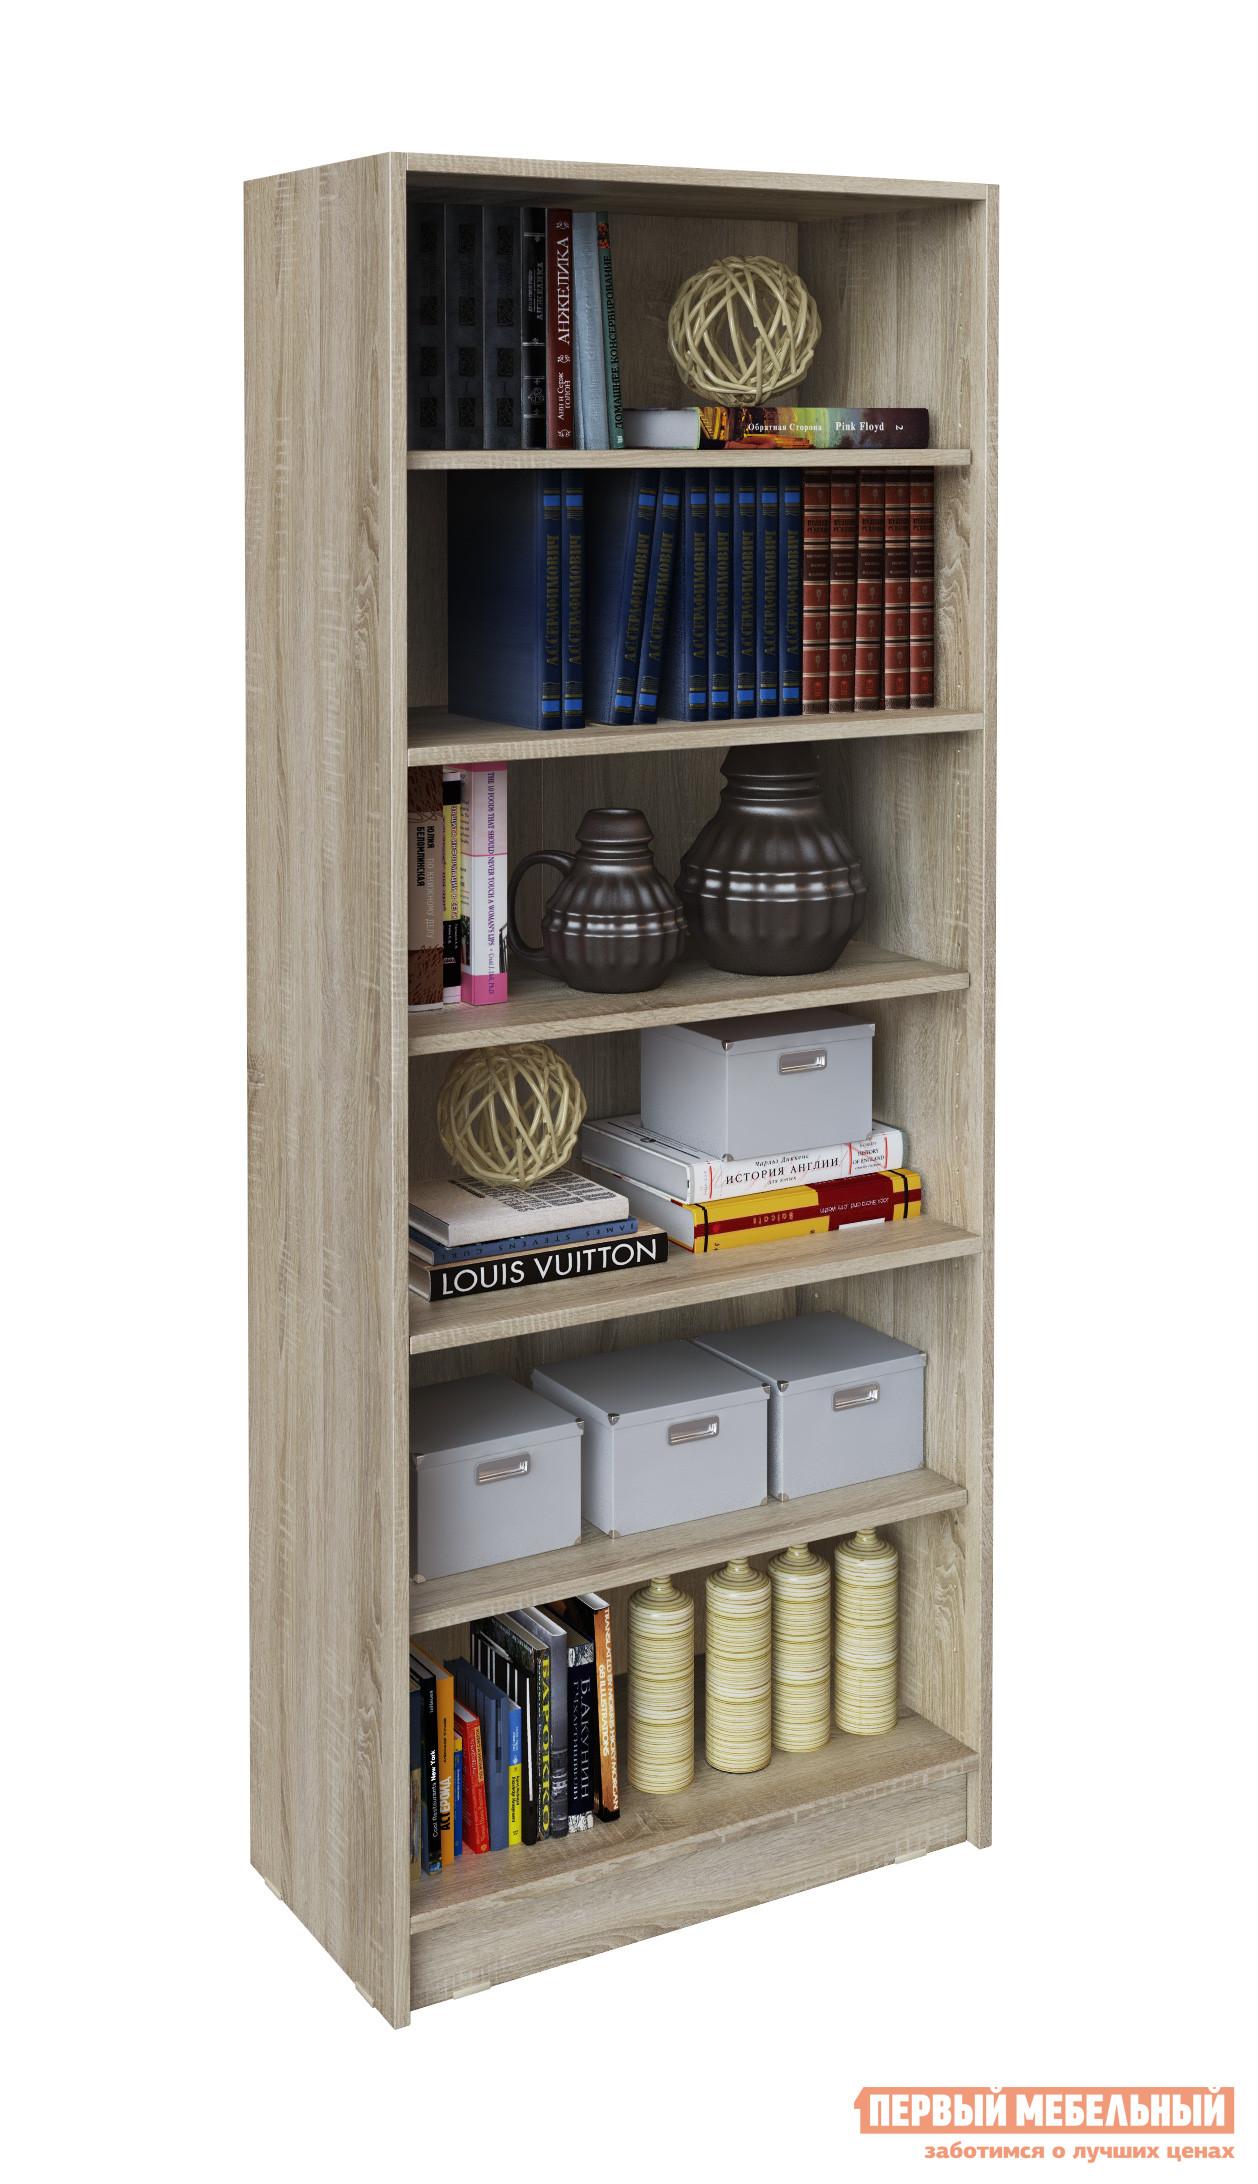 Стеллаж МФ Мастер Стелла-2 Дуб СономаСтеллажи для офиса<br>Габаритные размеры ВхШхГ 1632x650x328 мм. Многофункциональный открытый стеллаж — отличное решение для хранения книг, документов, посуды и прочих предметов.  Стеллаж имеет шесть открытых полок. Благодаря лаконичному дизайну, модель прекрасно впишется в любой интерьер. Изделие производится из ЛДСП, края обработаны кромкой ПВХ.  Задняя стенка — ЛХДФ в цвет корпуса.<br><br>Цвет: Дуб Сонома<br>Цвет: Светлое дерево<br>Высота мм: 1632<br>Ширина мм: 650<br>Глубина мм: 328<br>Форма поставки: В разобранном виде<br>Срок гарантии: 2 года<br>Тип: Открытые<br>Материал: Деревянные, из ЛДСП<br>Размер: Узкие<br>Особенности: Дешевые